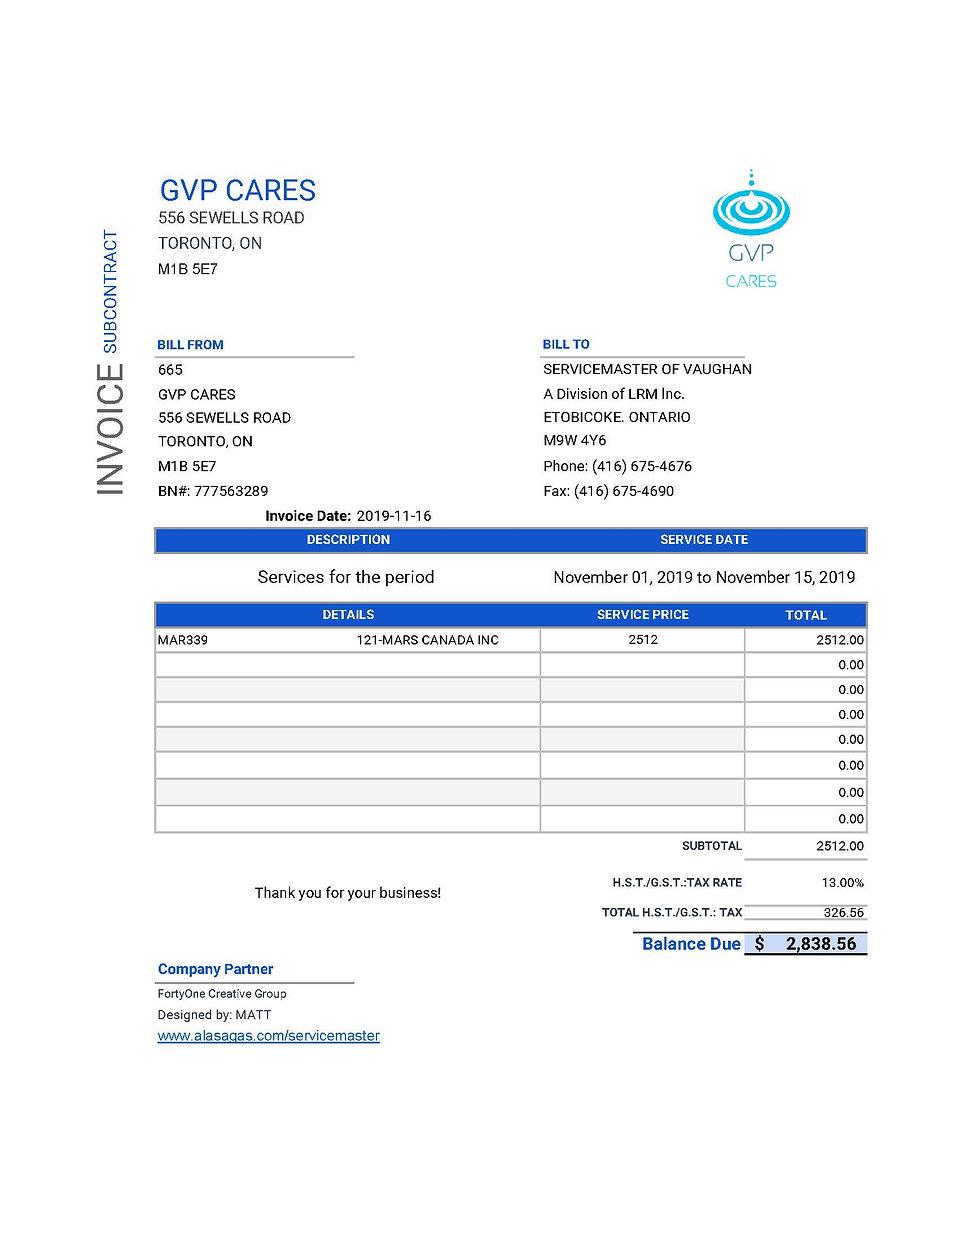 GVP-Cares.jpg